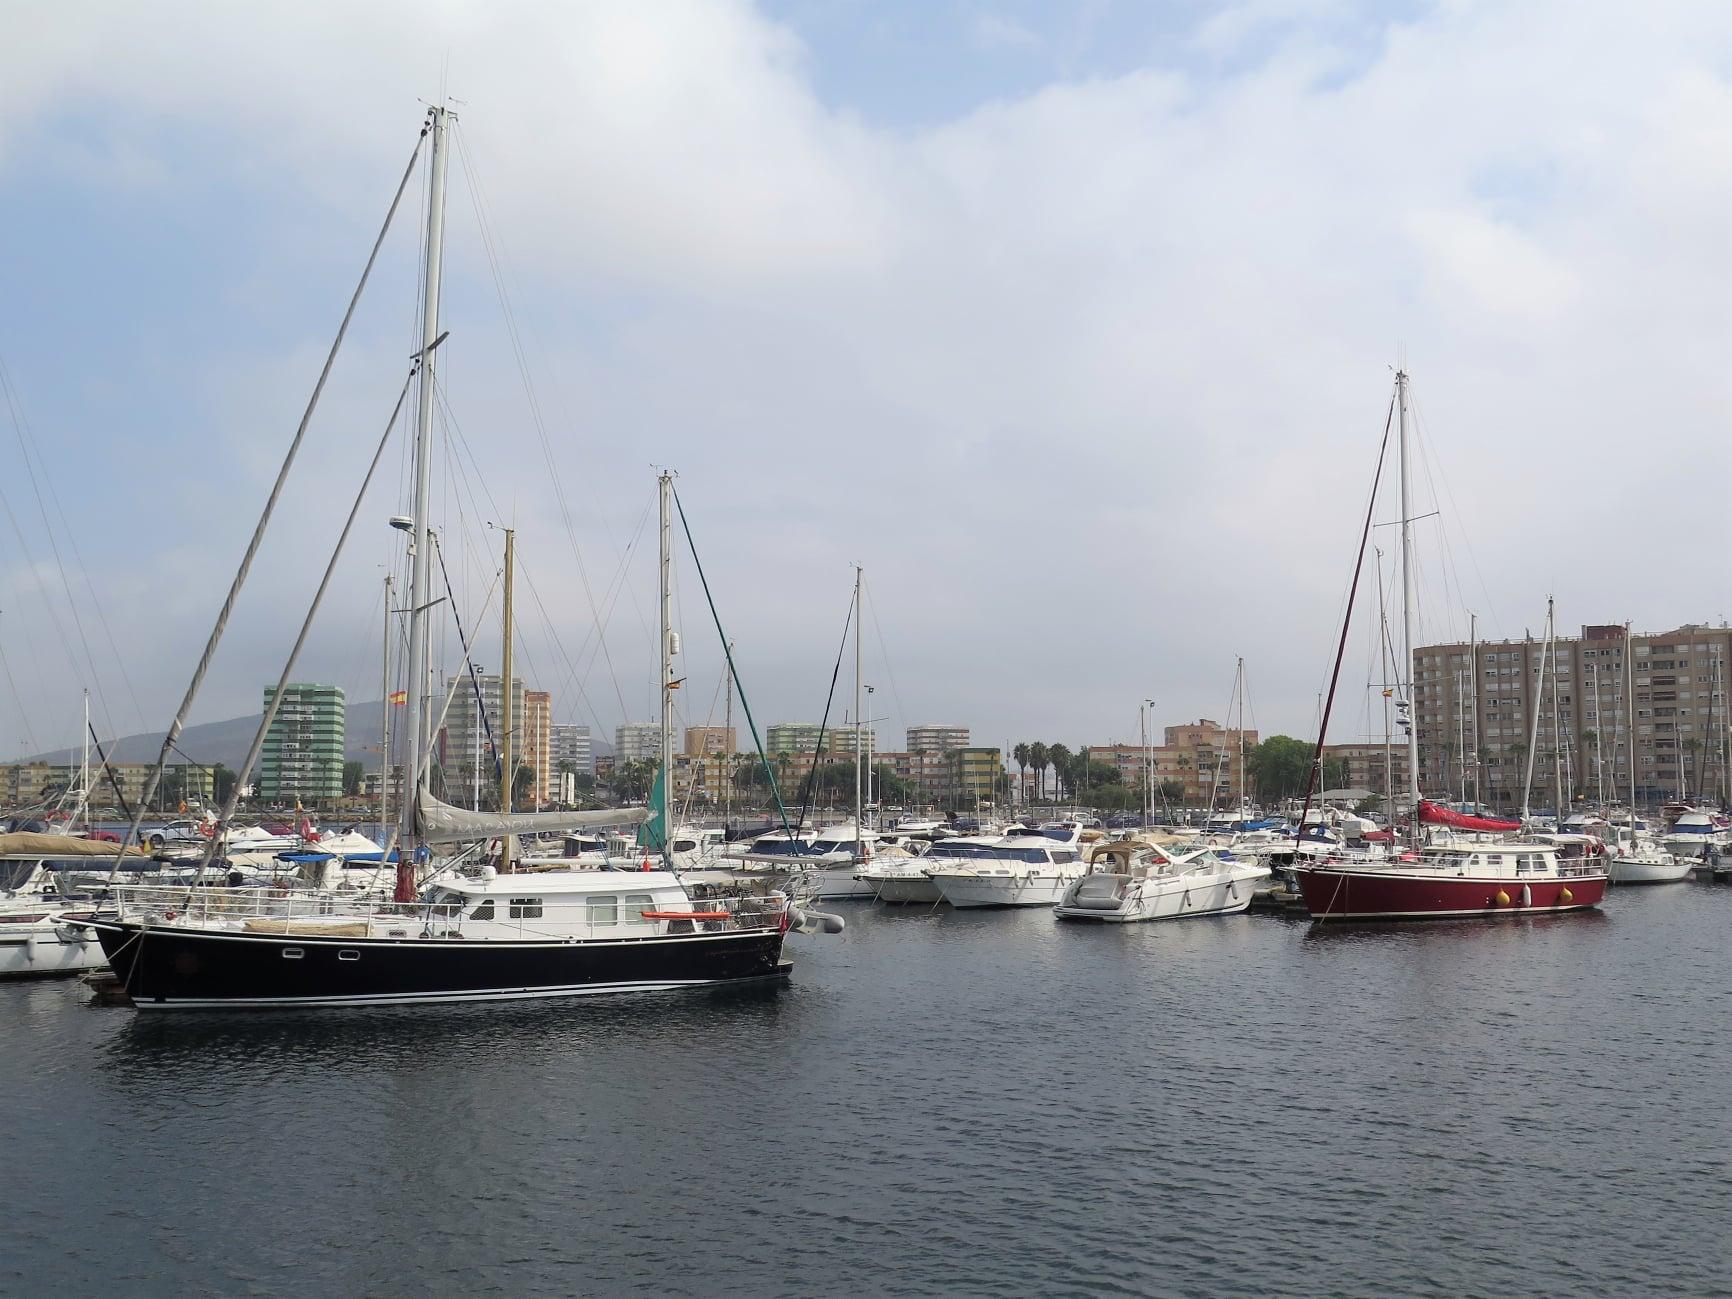 Pour la première fois EVER, les deux seuls Ste Marthe 46 IN THE WORLD de chez Meta Yachts sont amarrés l'un derrière l'autre! Macajou vient de Port Leucate, Jade de La Rochelle, et c'est Gibraltar, tout naturellement, qui les a réunis...